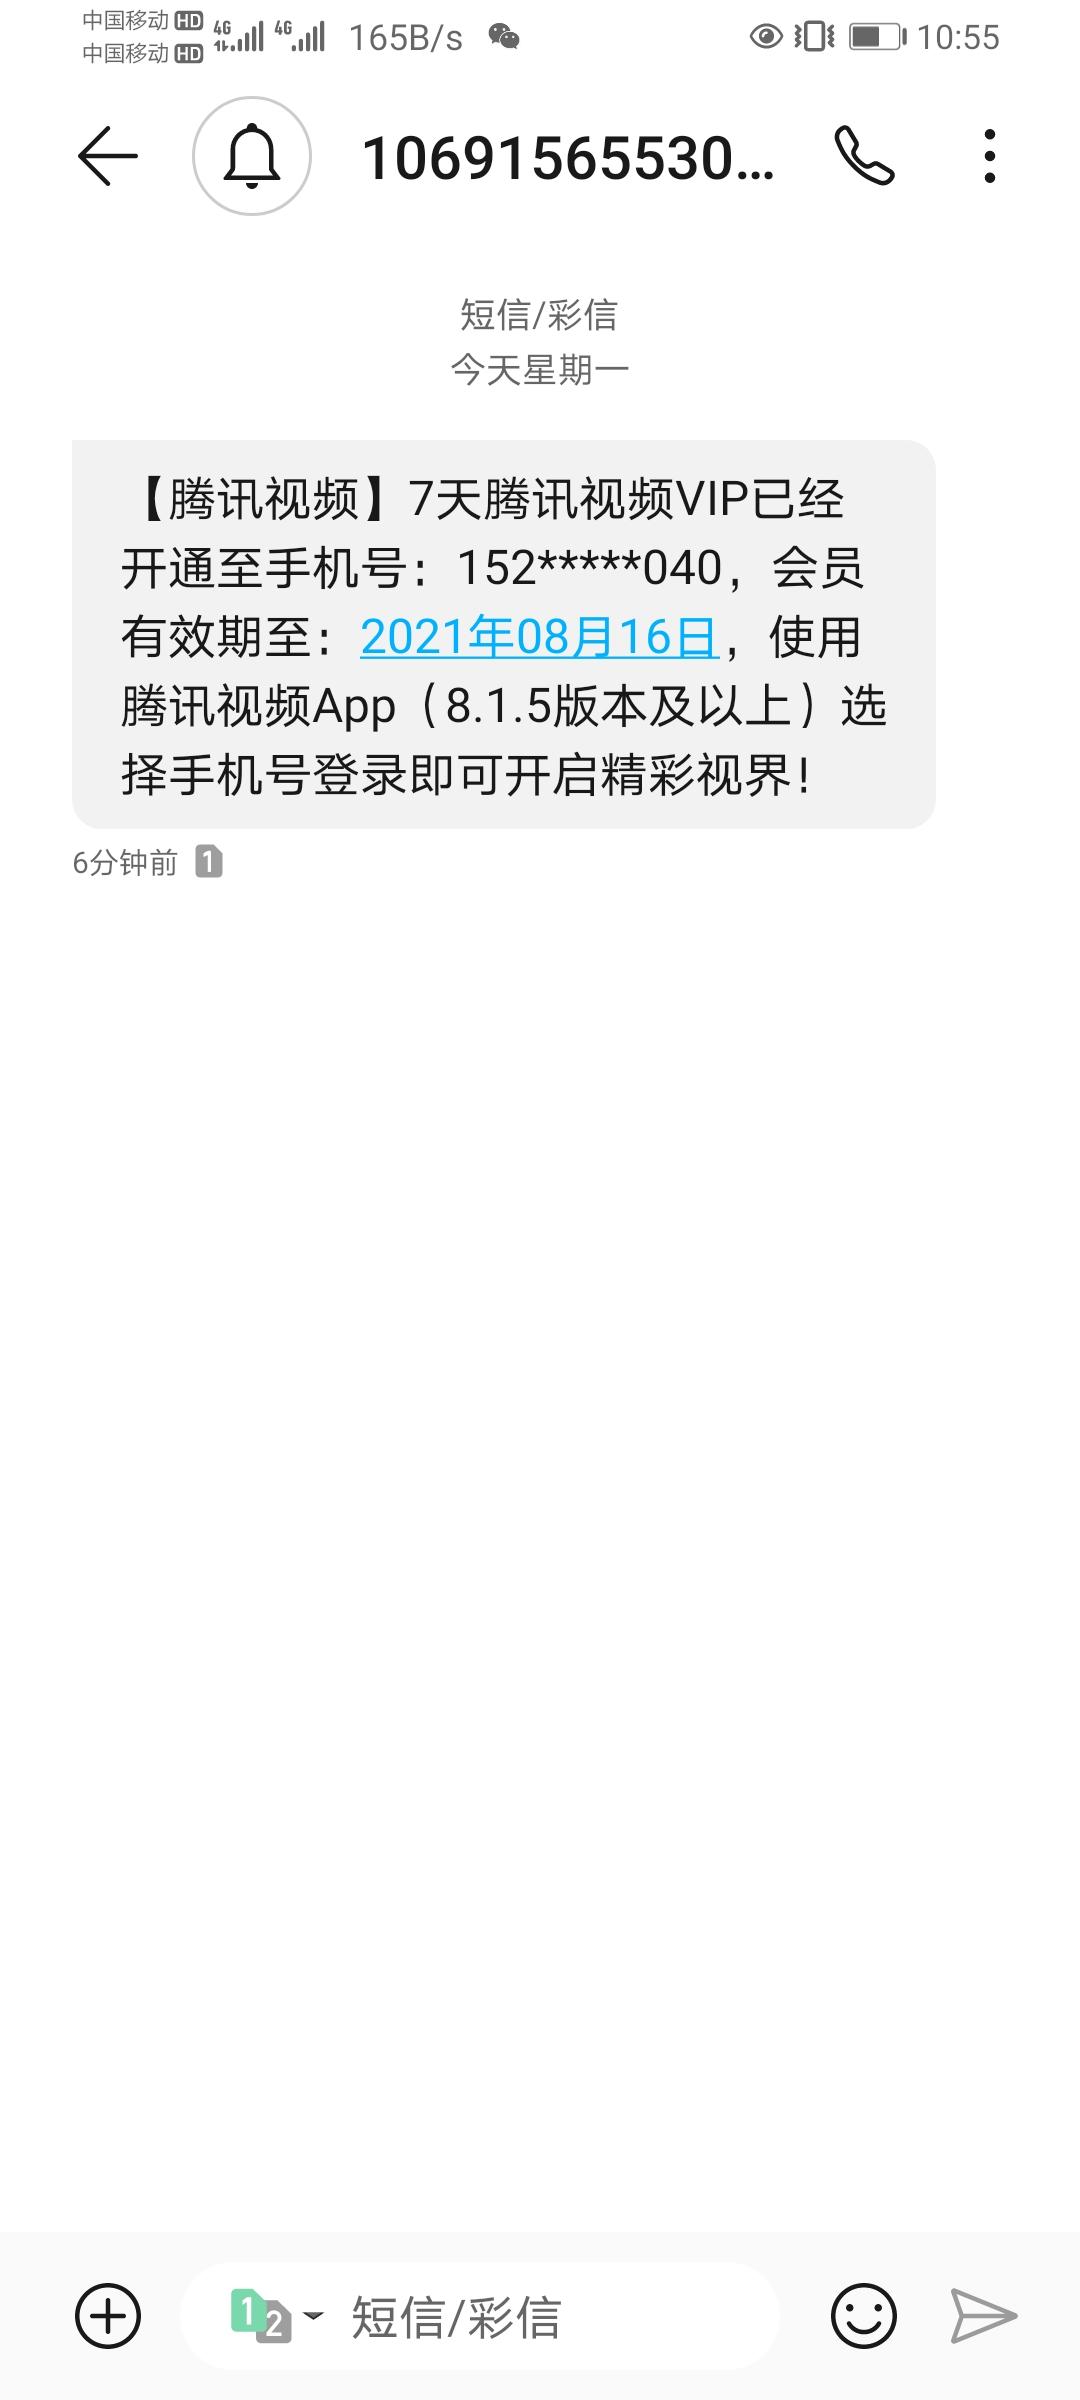 【虚拟商品】和彩云提取腾讯官方VIP插图3